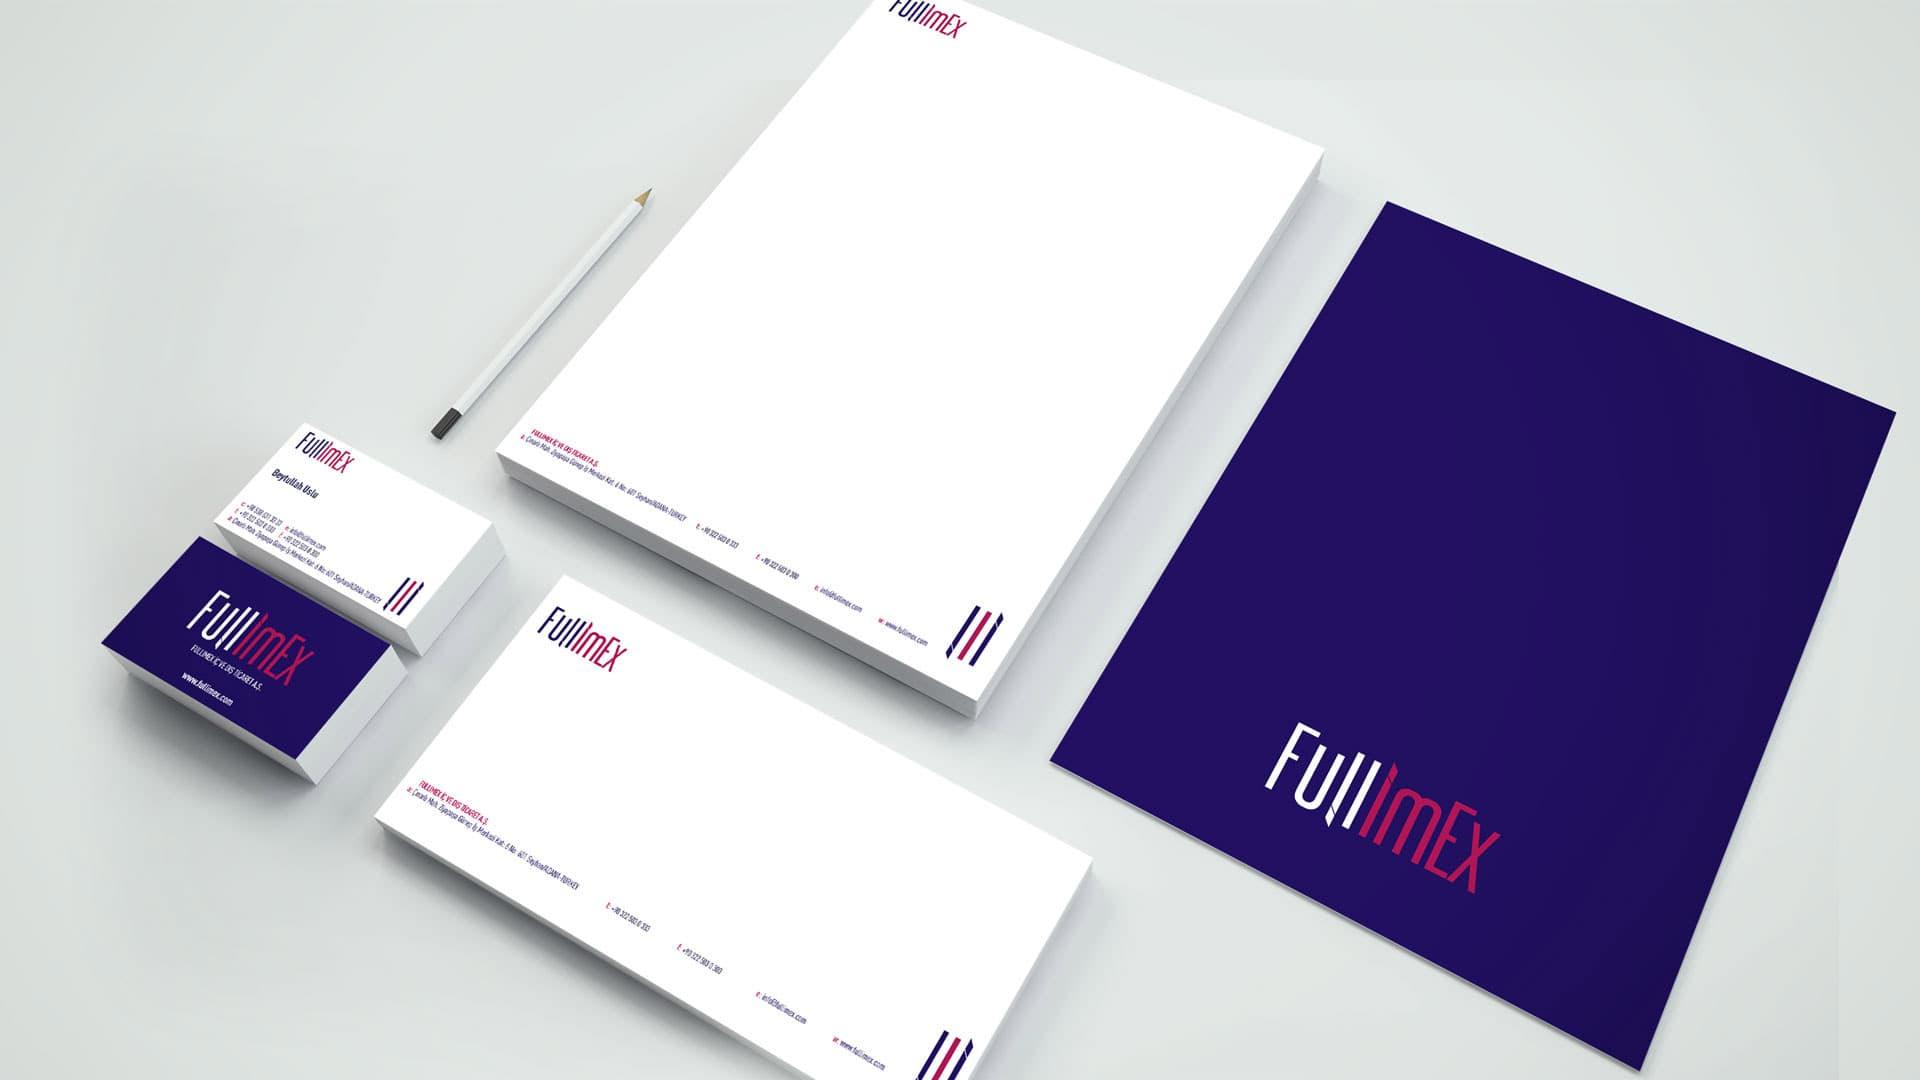 Fullimex - Kurumsal Kimlik Tasarımı